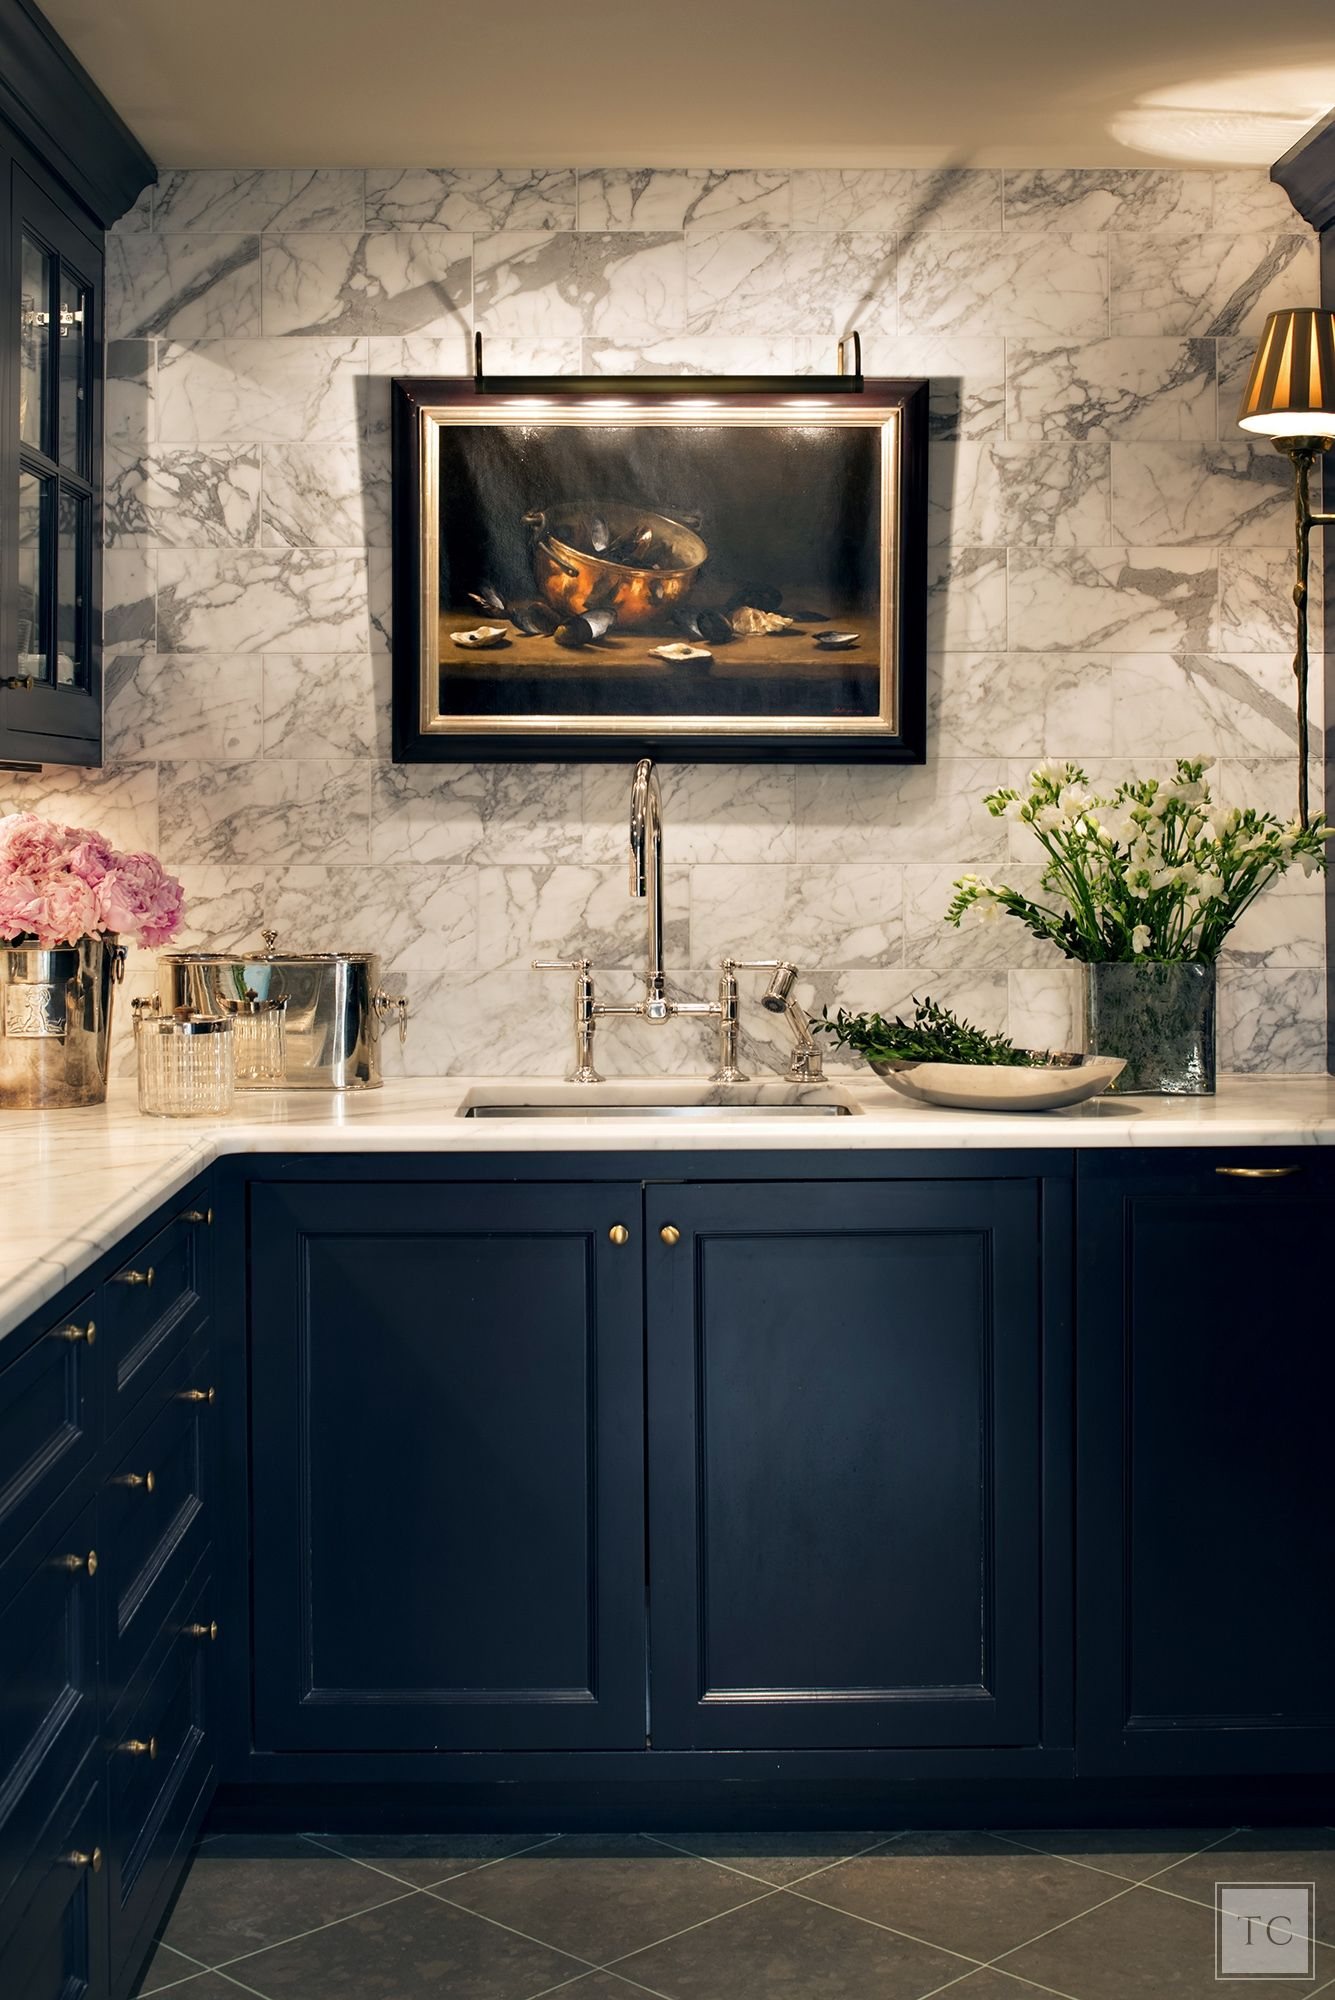 tammy connor interior design | Kitchens | Pinterest | Küche, Ikea ...